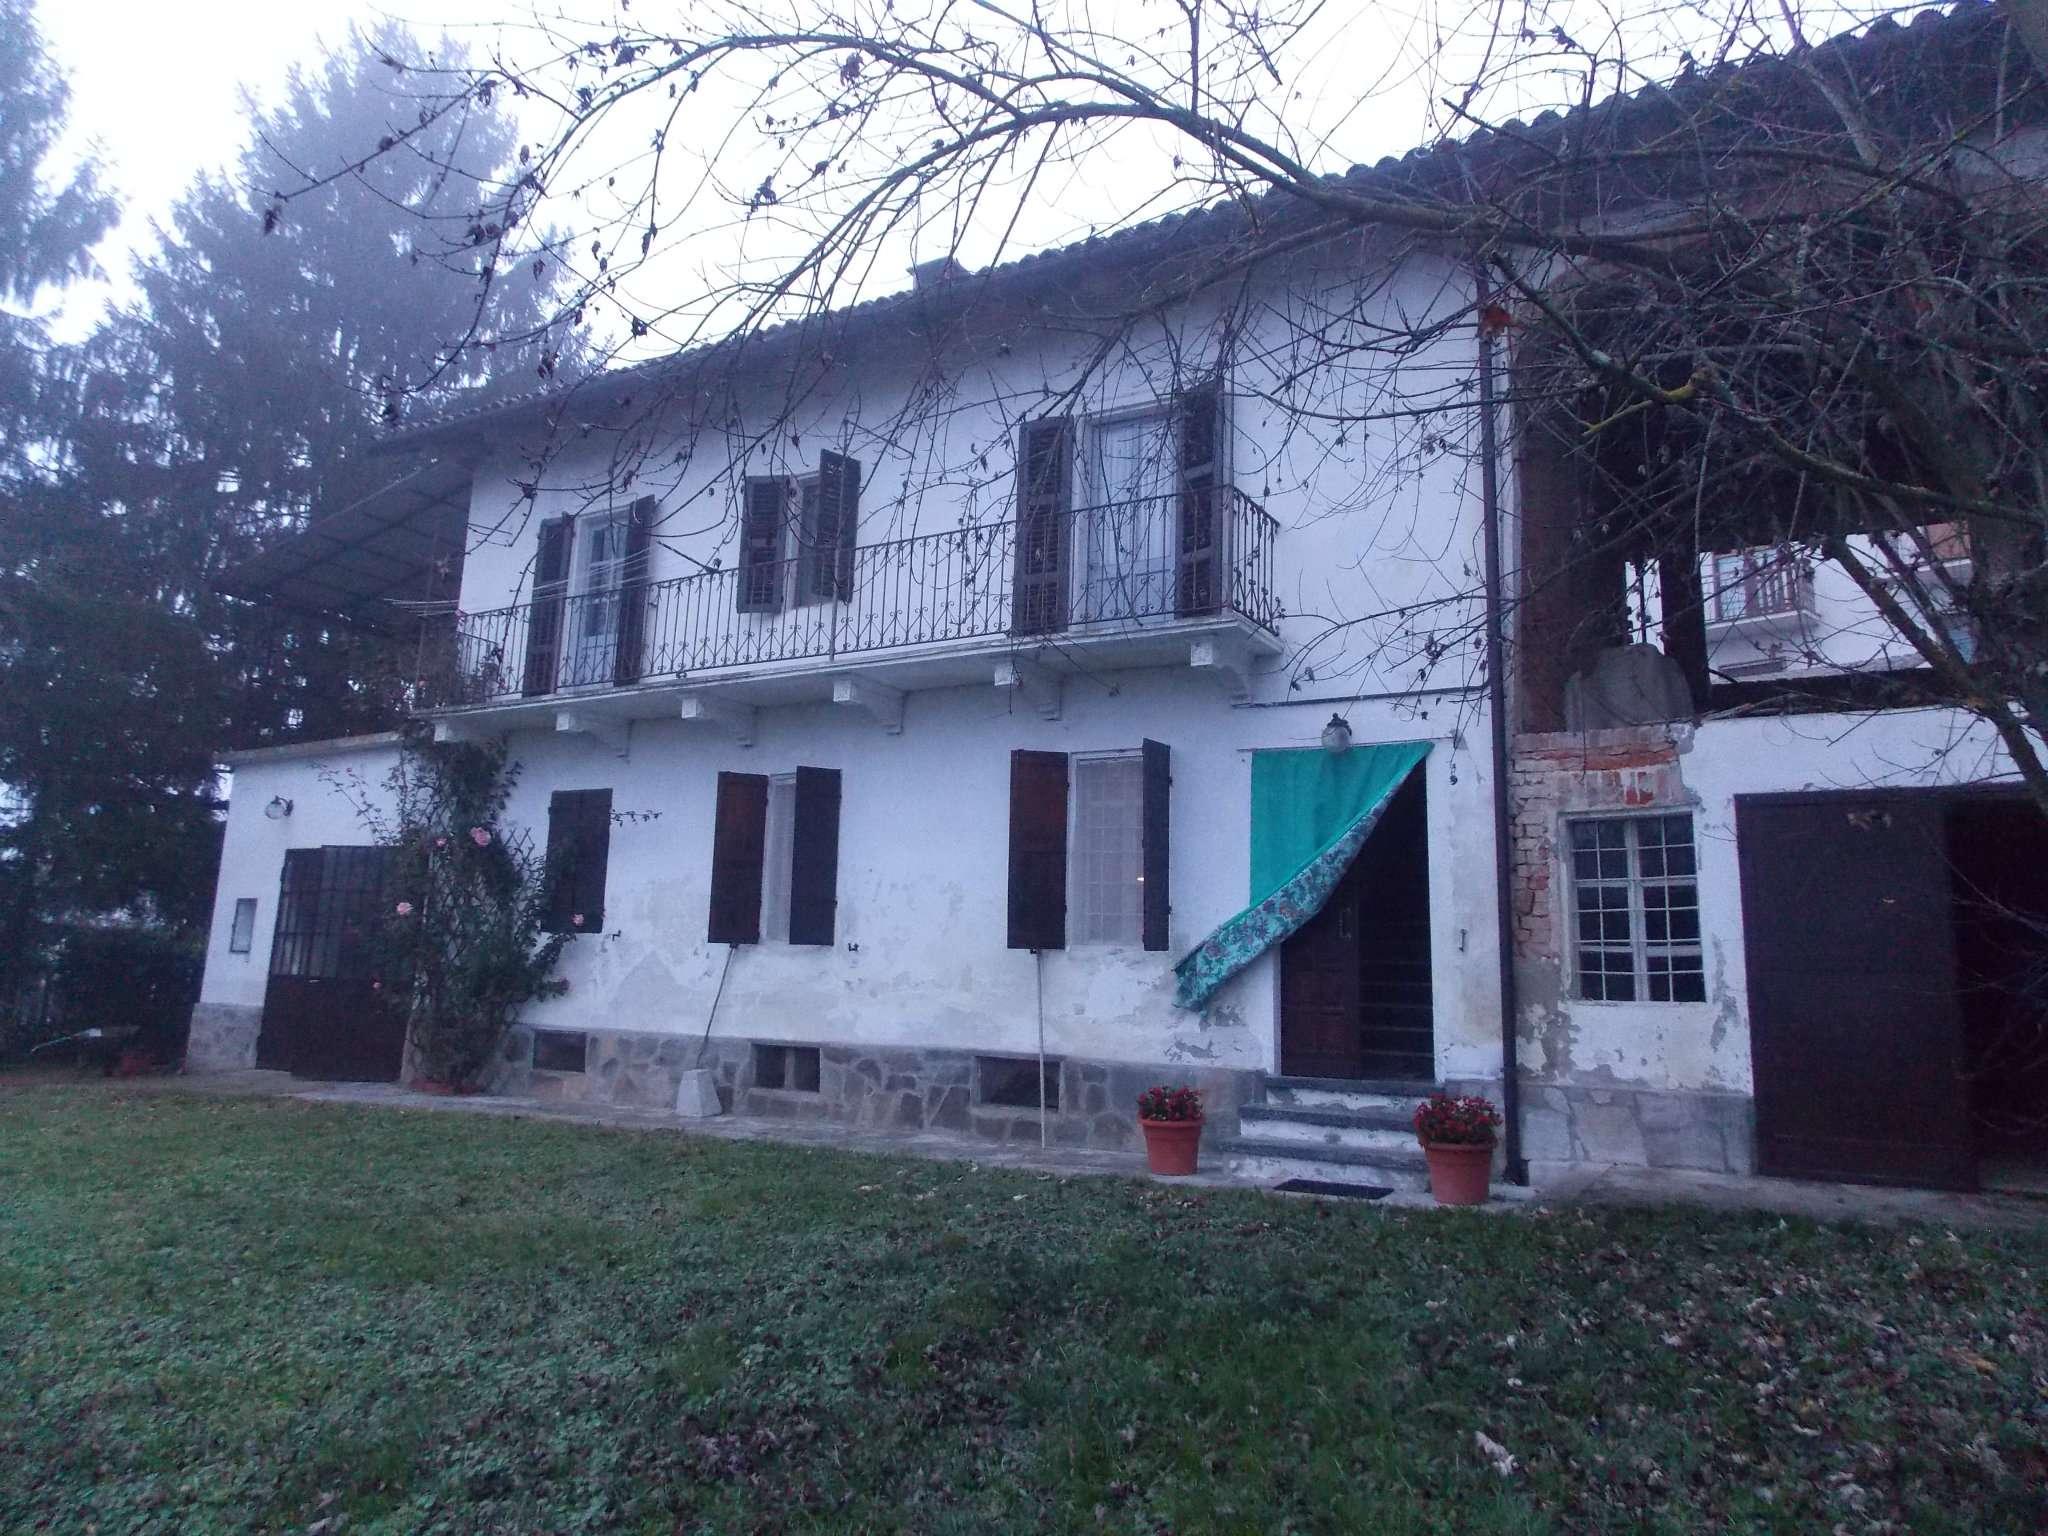 Soluzione Indipendente in vendita a Cortazzone, 6 locali, prezzo € 135.000 | Cambio Casa.it